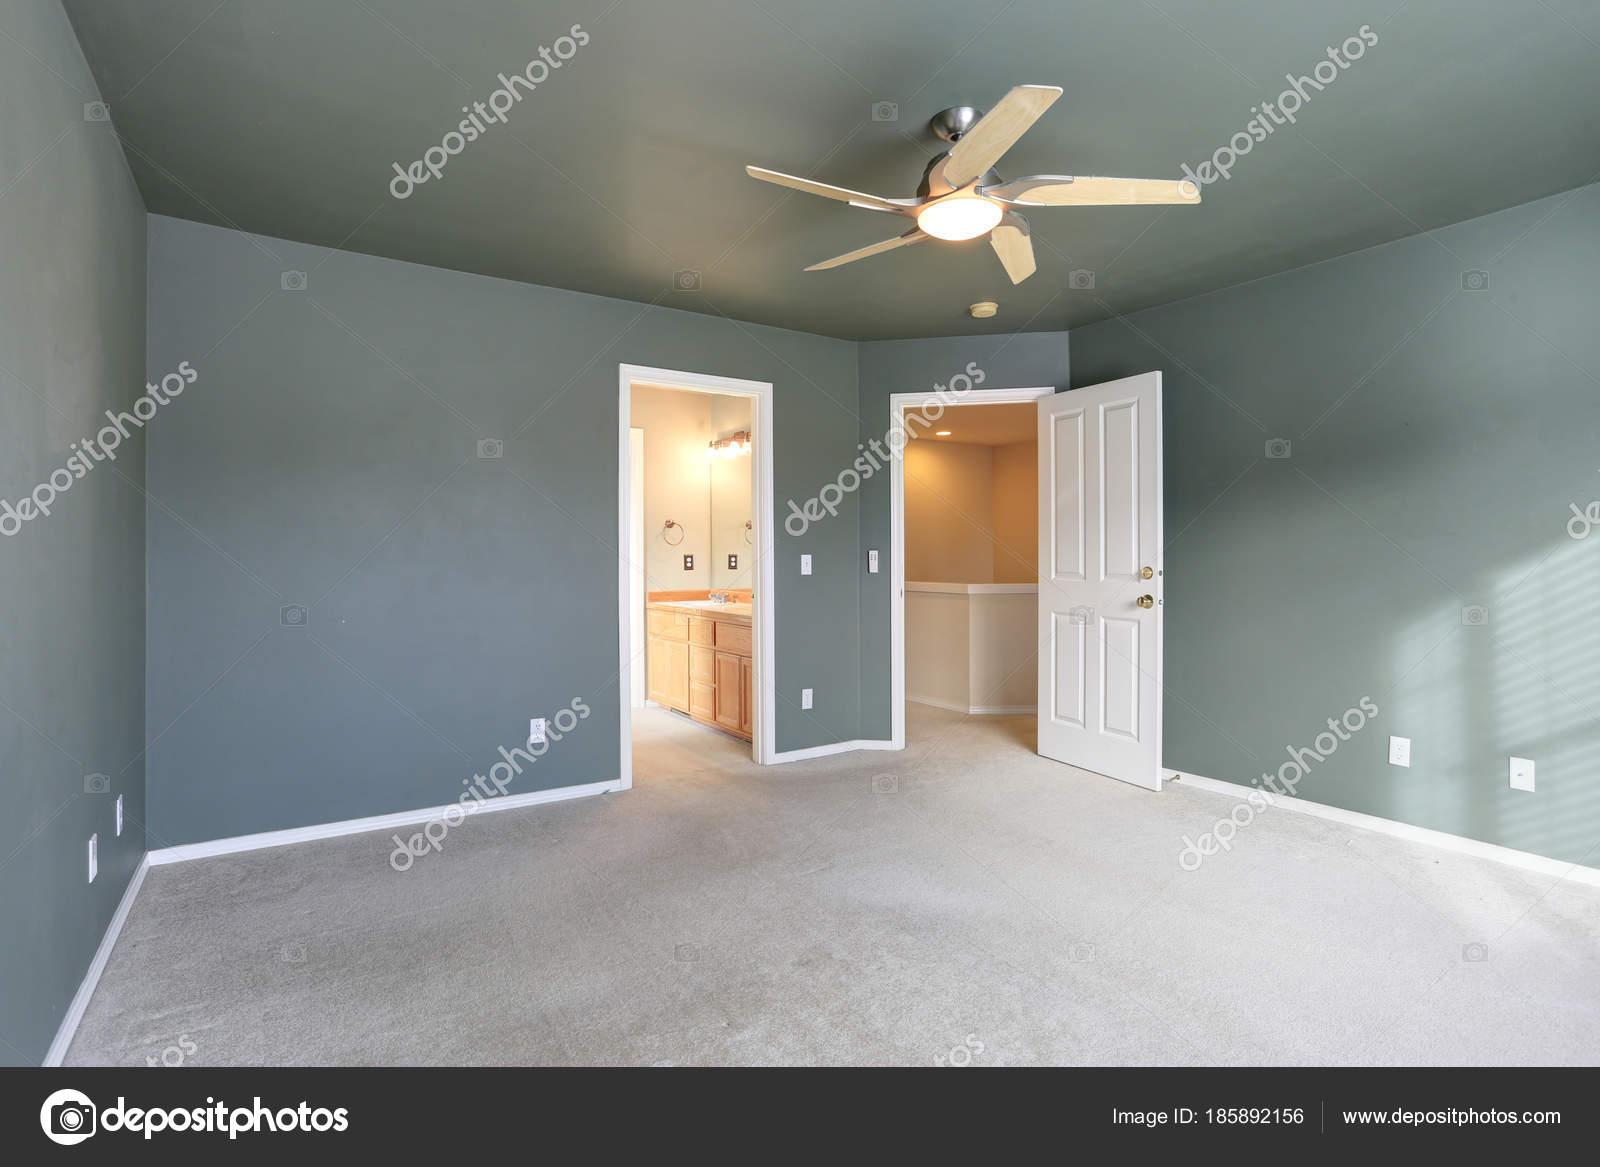 Muri Interni Grigi : Stanza vuota con soffitto grigio e colore della vernice muri grigi